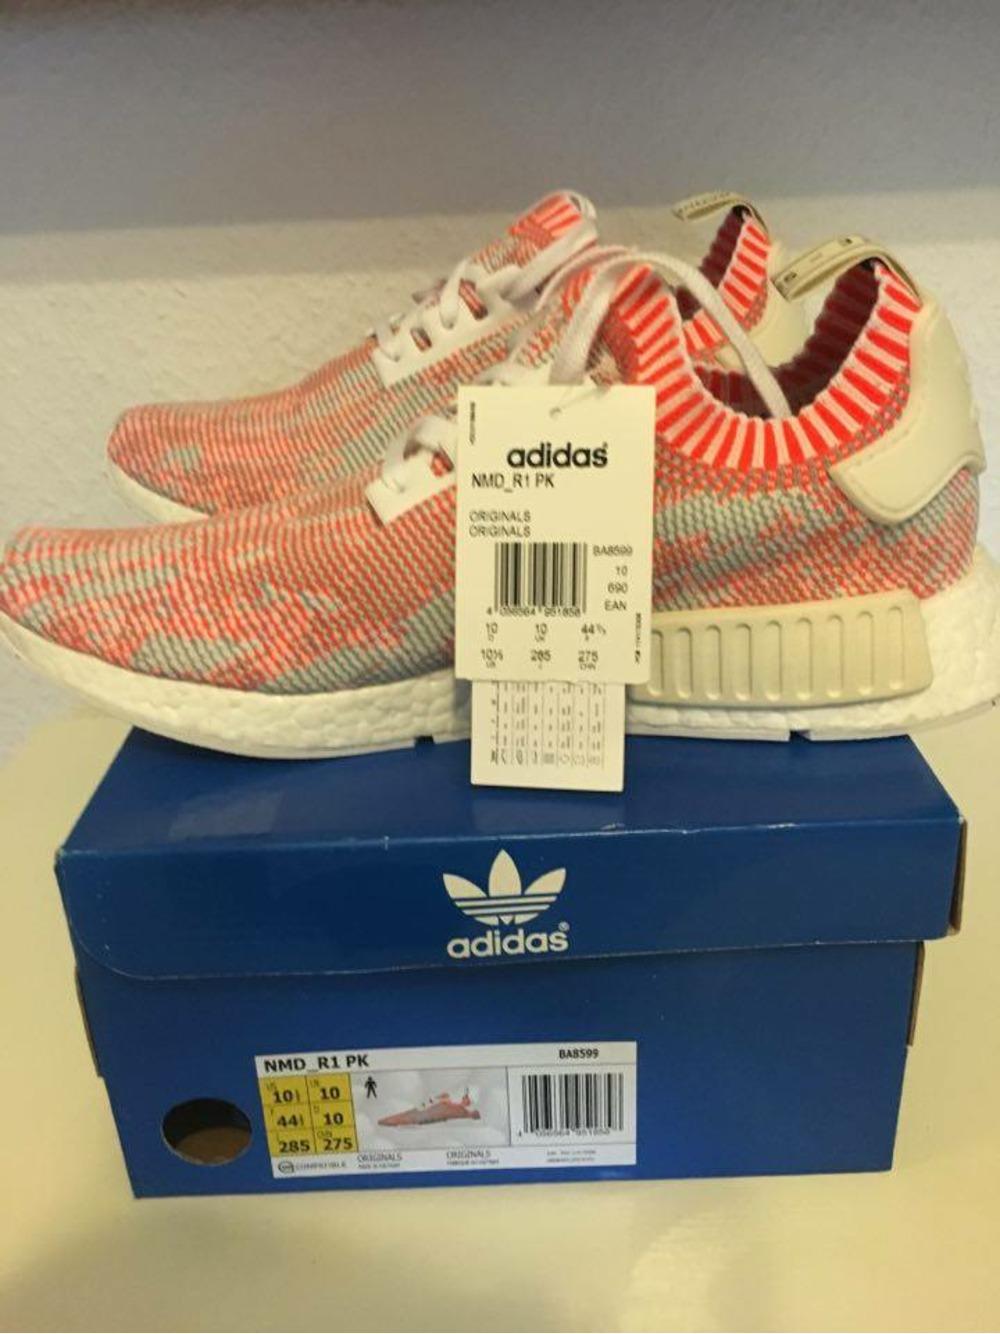 b37f06e5e05f1 adidas nmd Orange 1236142 klekt adidas nmd r1 pk camo pack neon ...